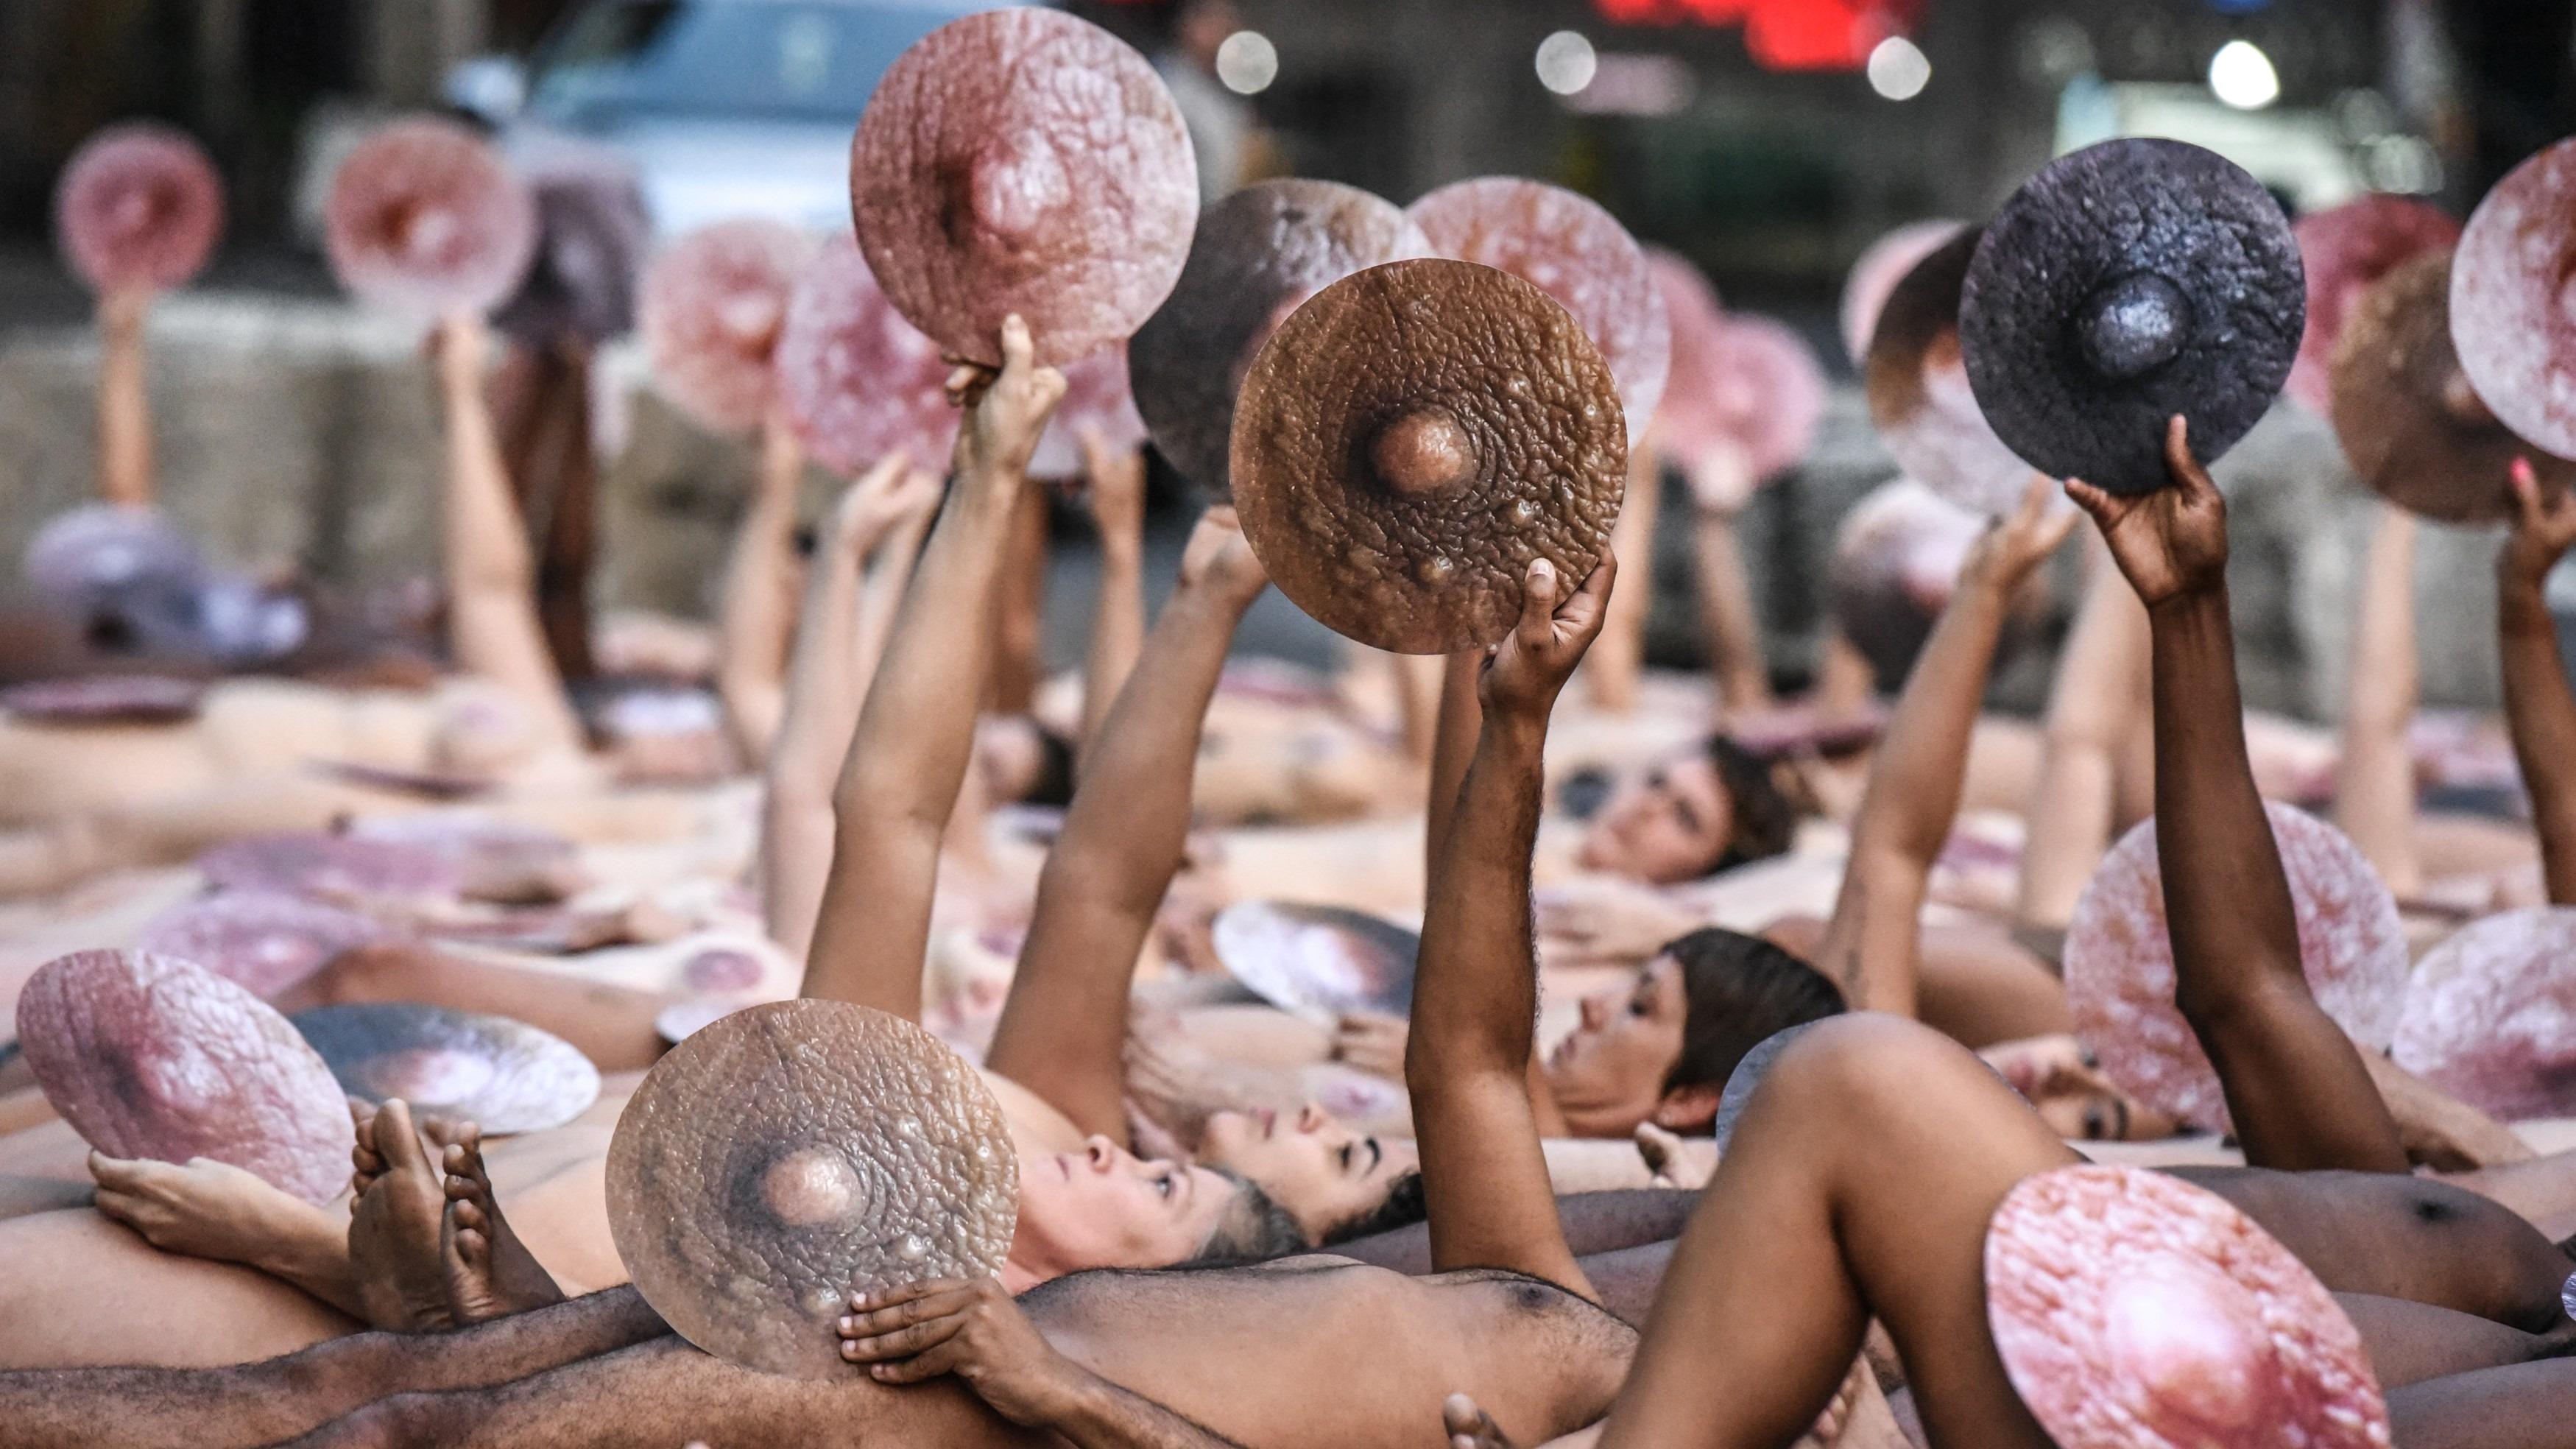 Activistas y artistas se reúnen con Instagram para discutir las políticas contra los desnudos